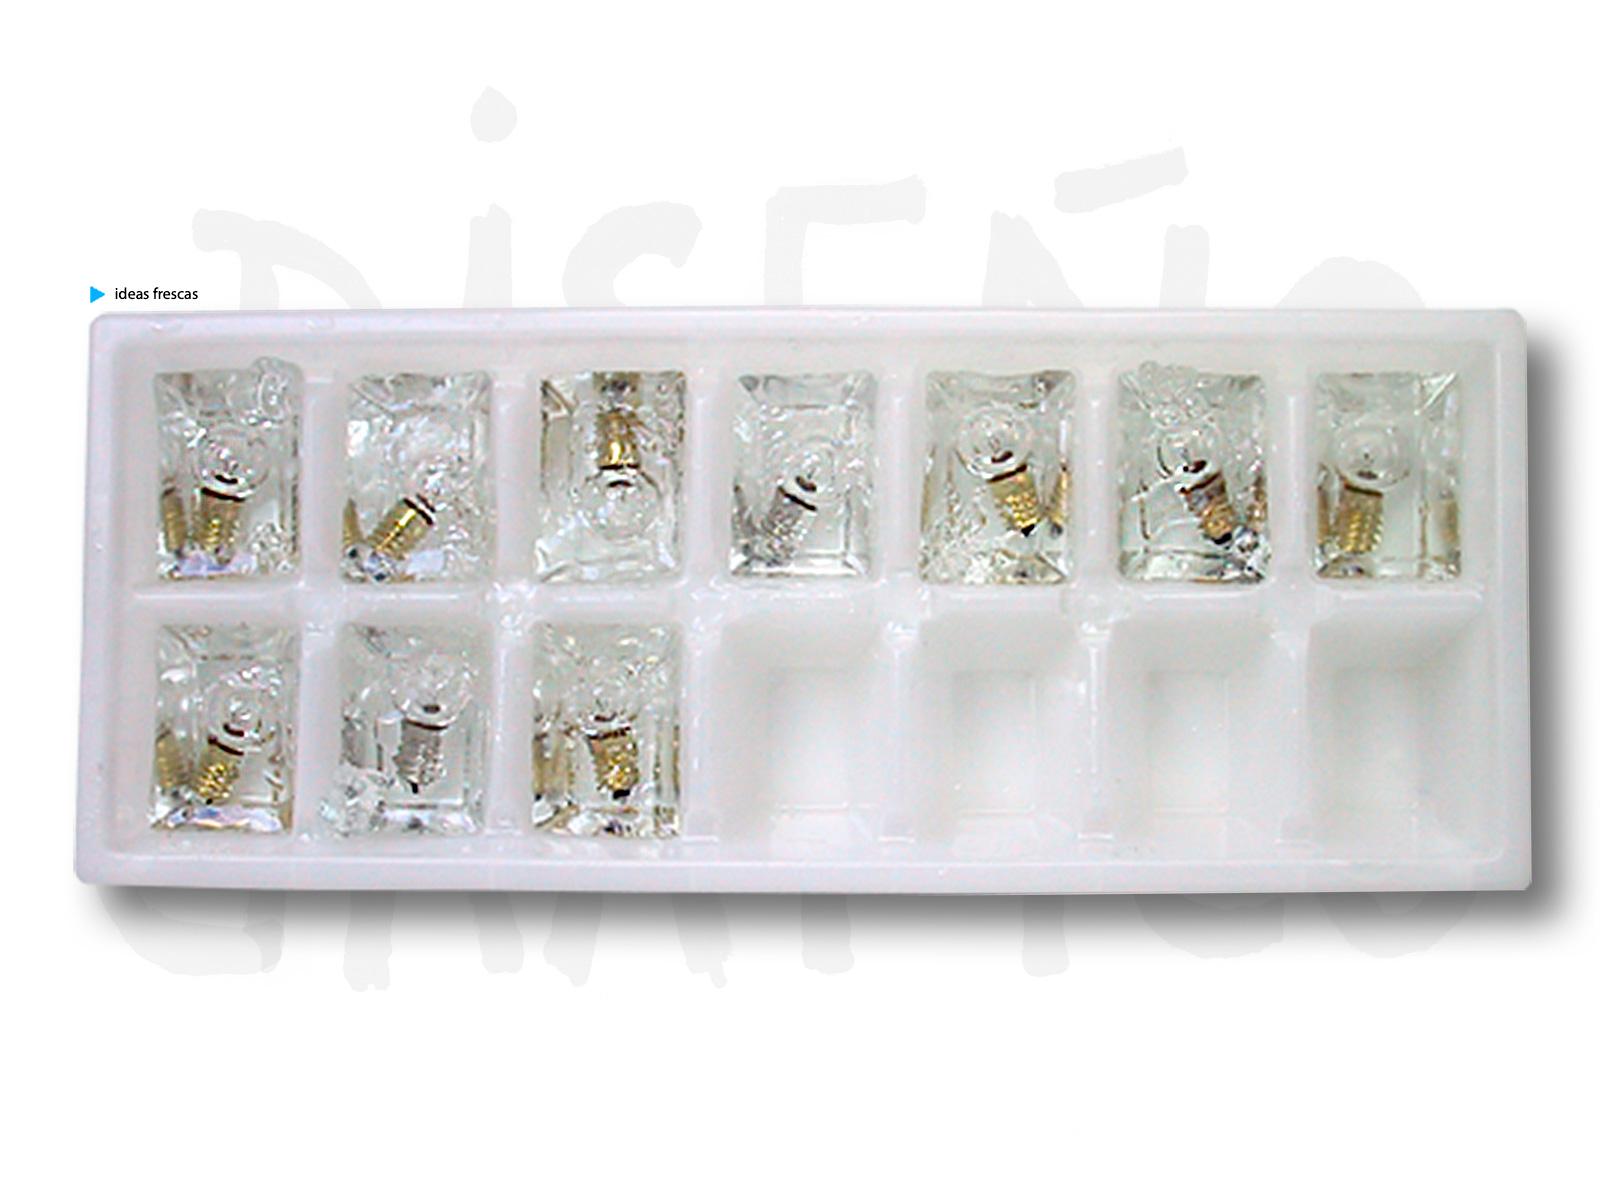 Creación y Diseño de sitios web y Maquetación Editorial en Almería